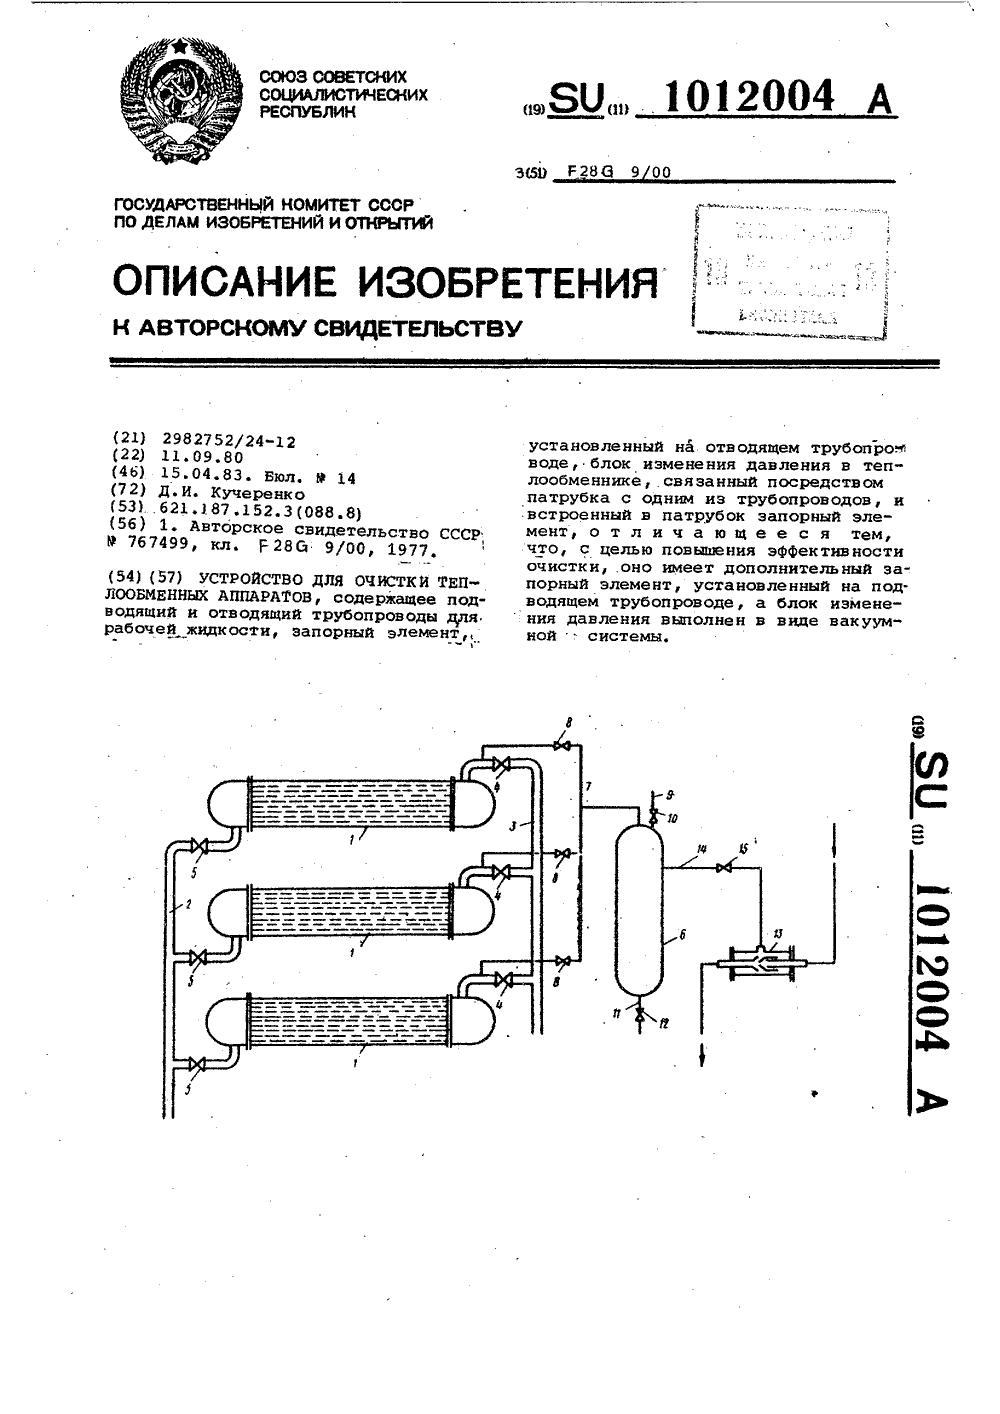 Теплообменник устройства для очистки теплообменник этра эт 50 16 199